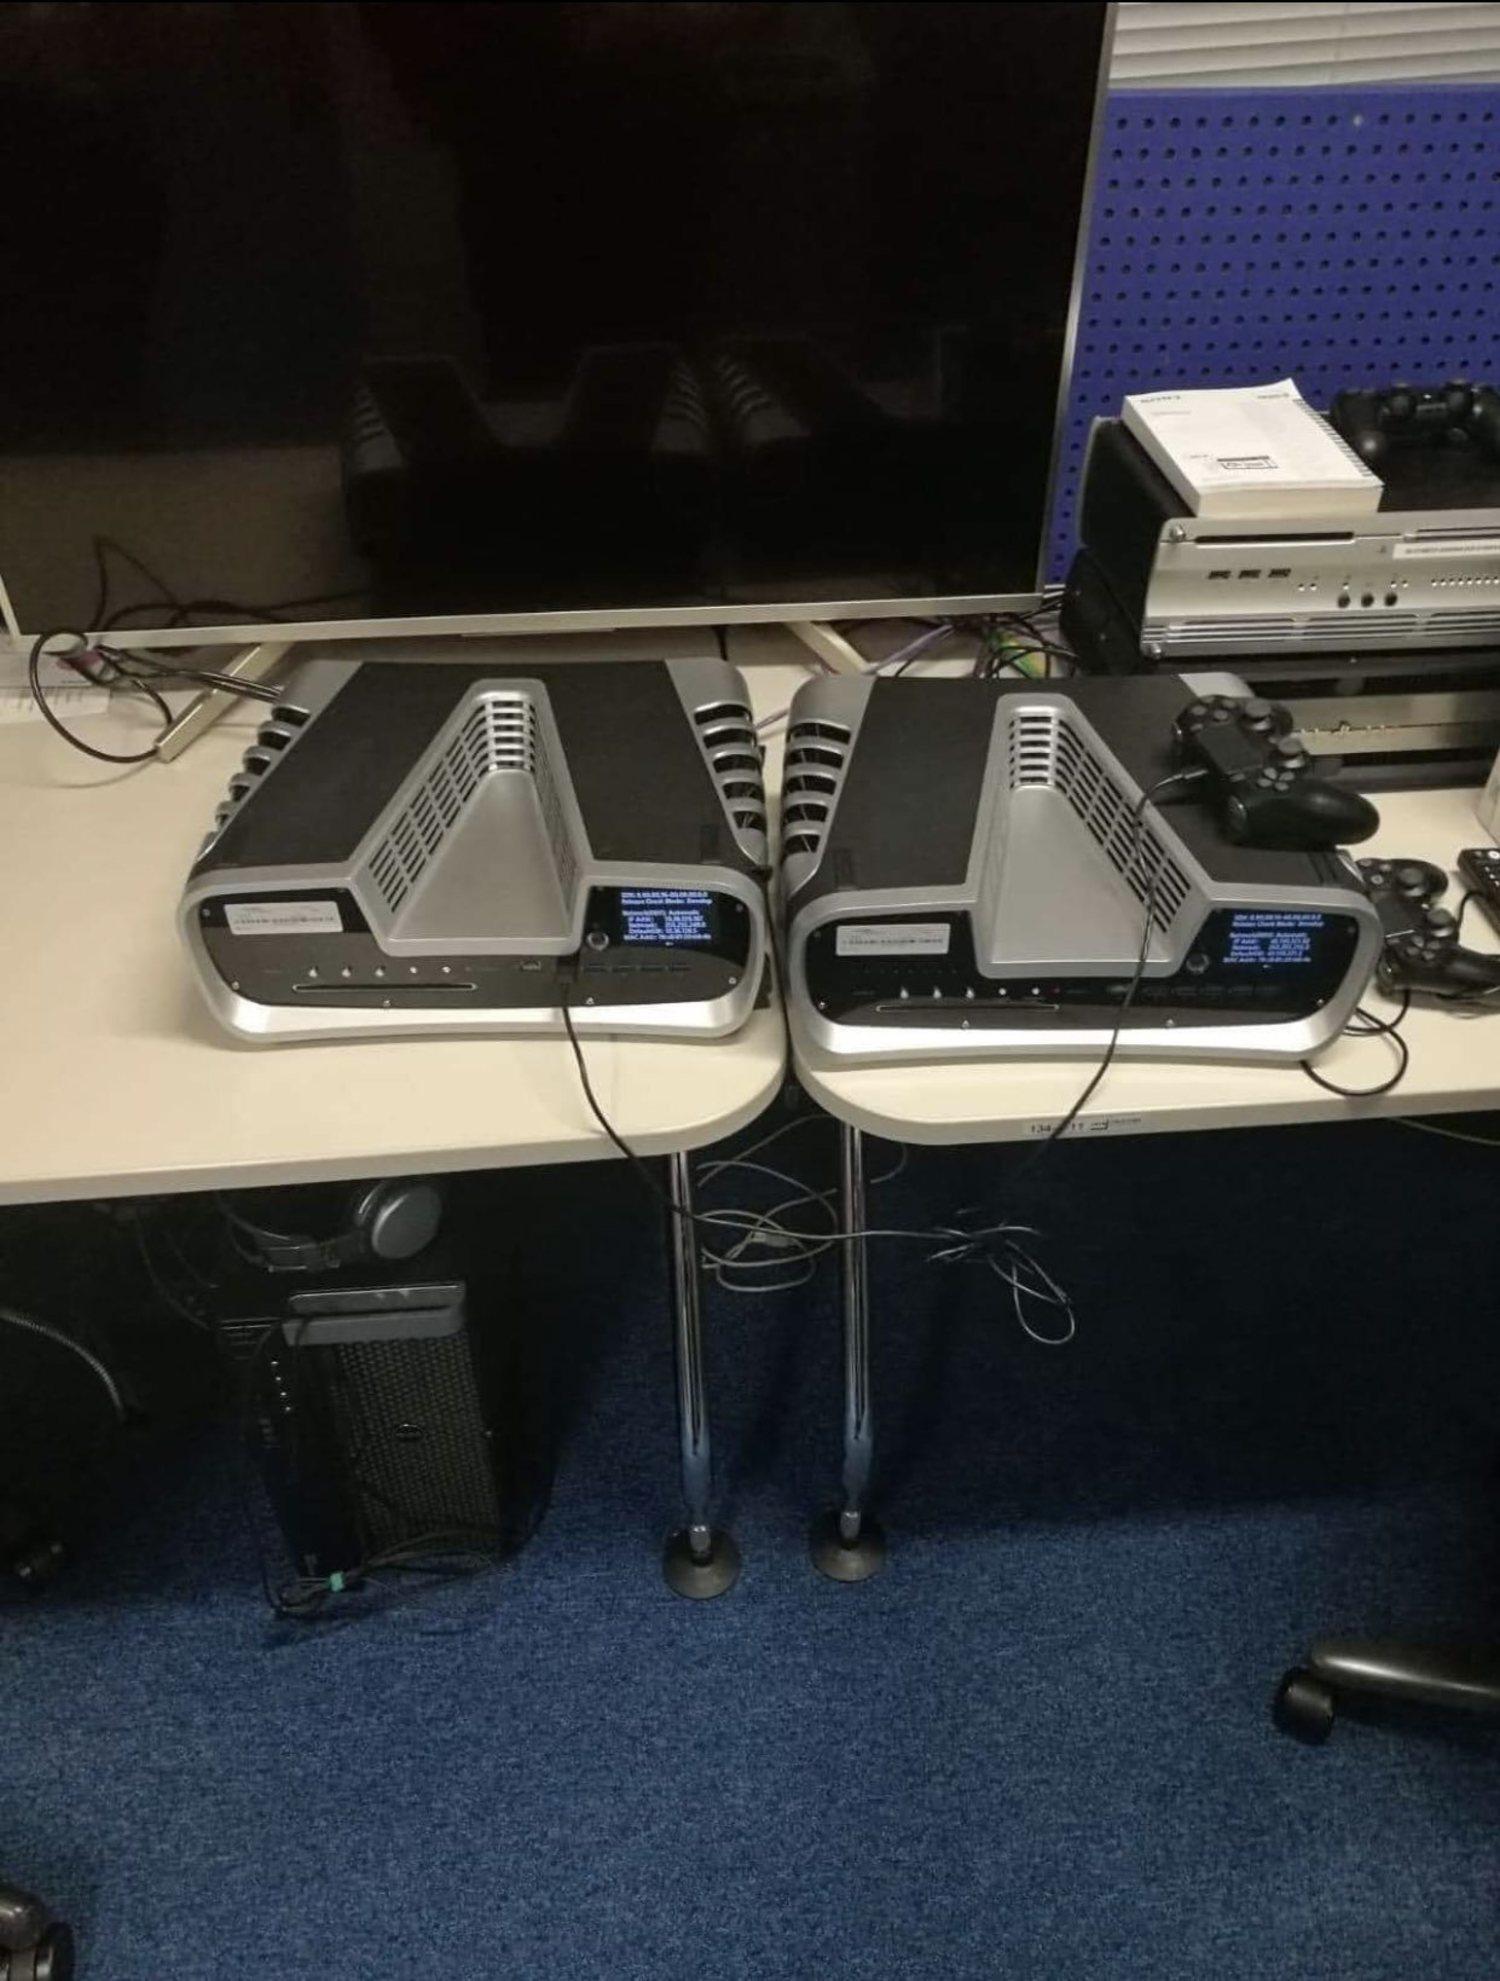 El kit de desarrollo de PS5 muestra una ventilación muy potente, además de los puertos y de un mando que podría ser similar al definitivo.